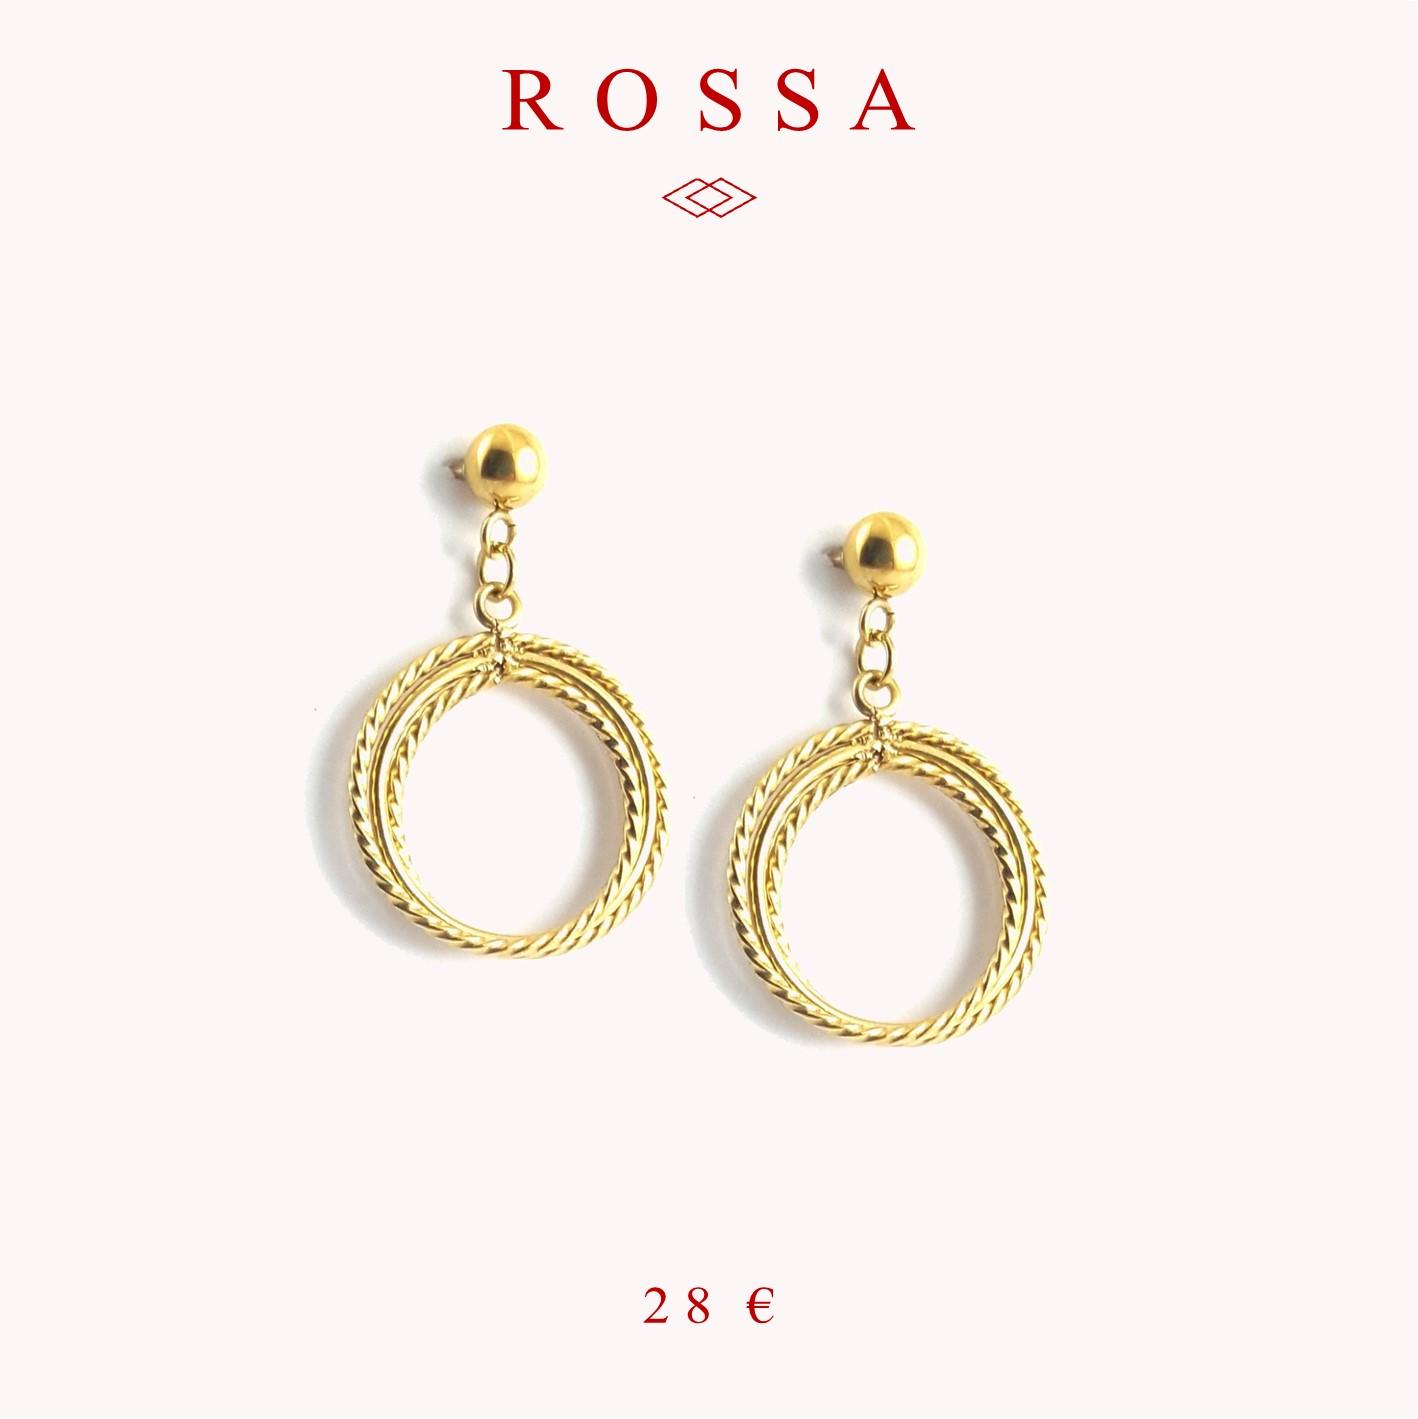 bijoux auvergnat - collection rossa - bijoux acier inoxydable - identités bijoux